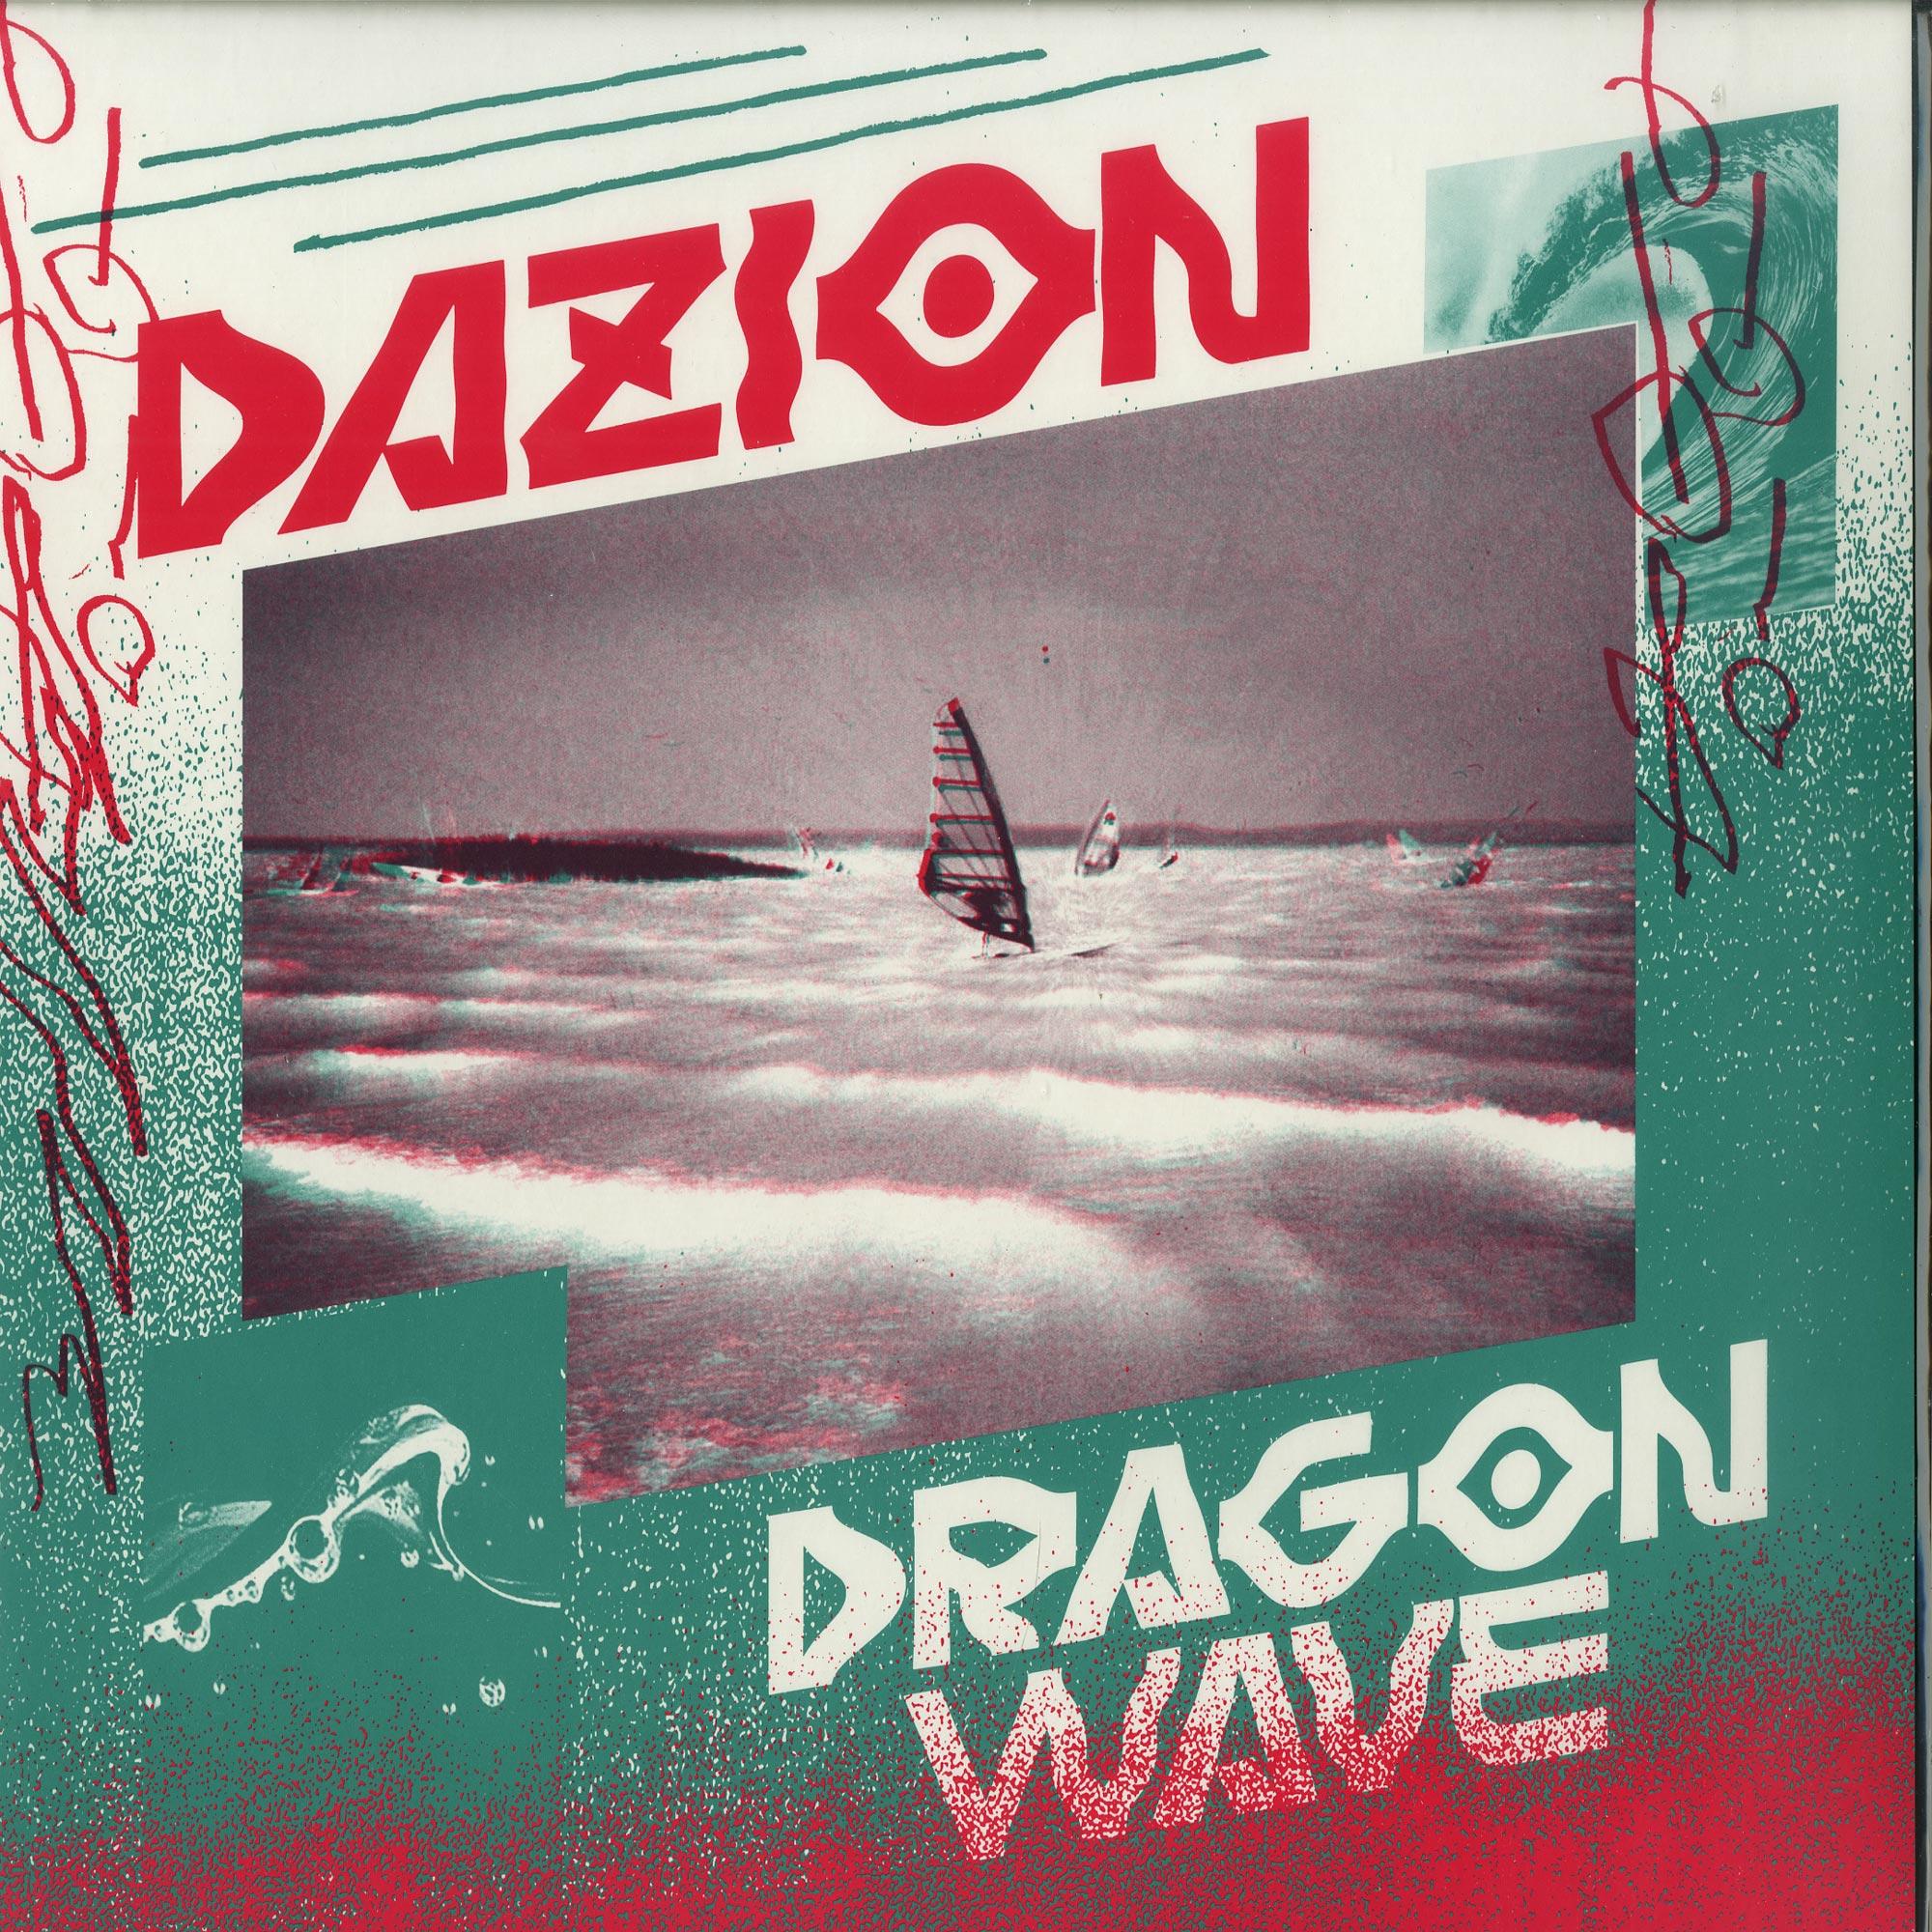 Dazion - DRAGON WAVE/VX LTD